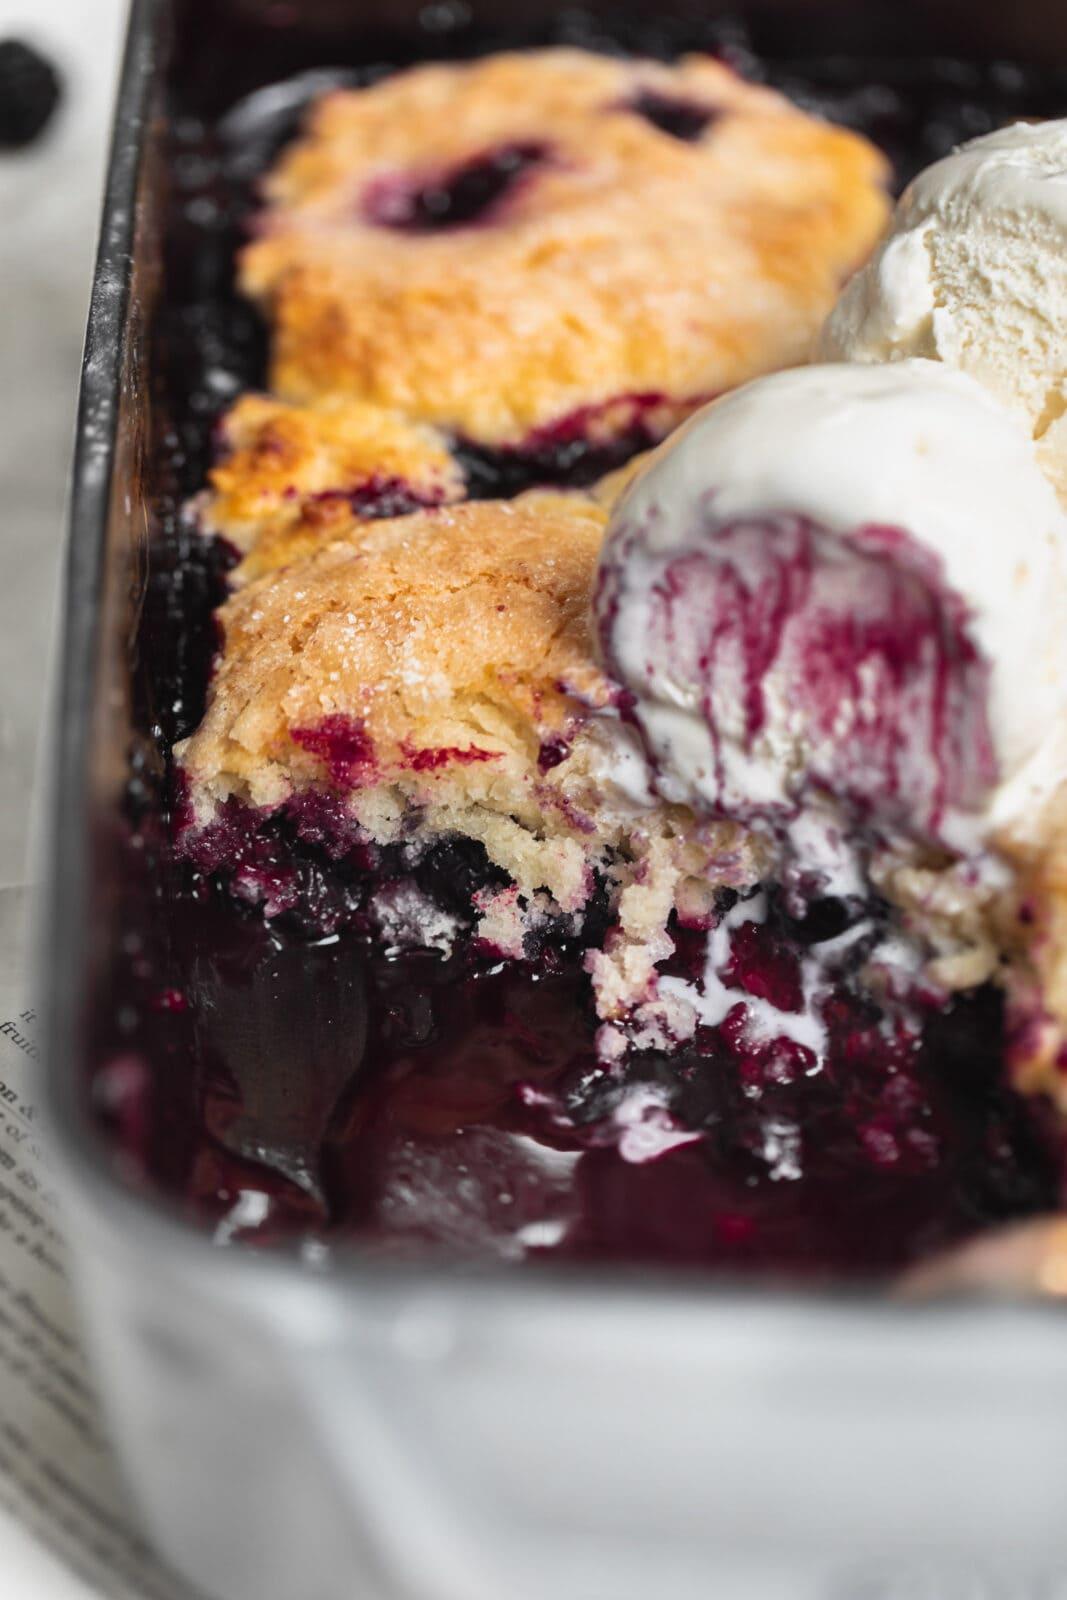 berry cobbler with ice cream